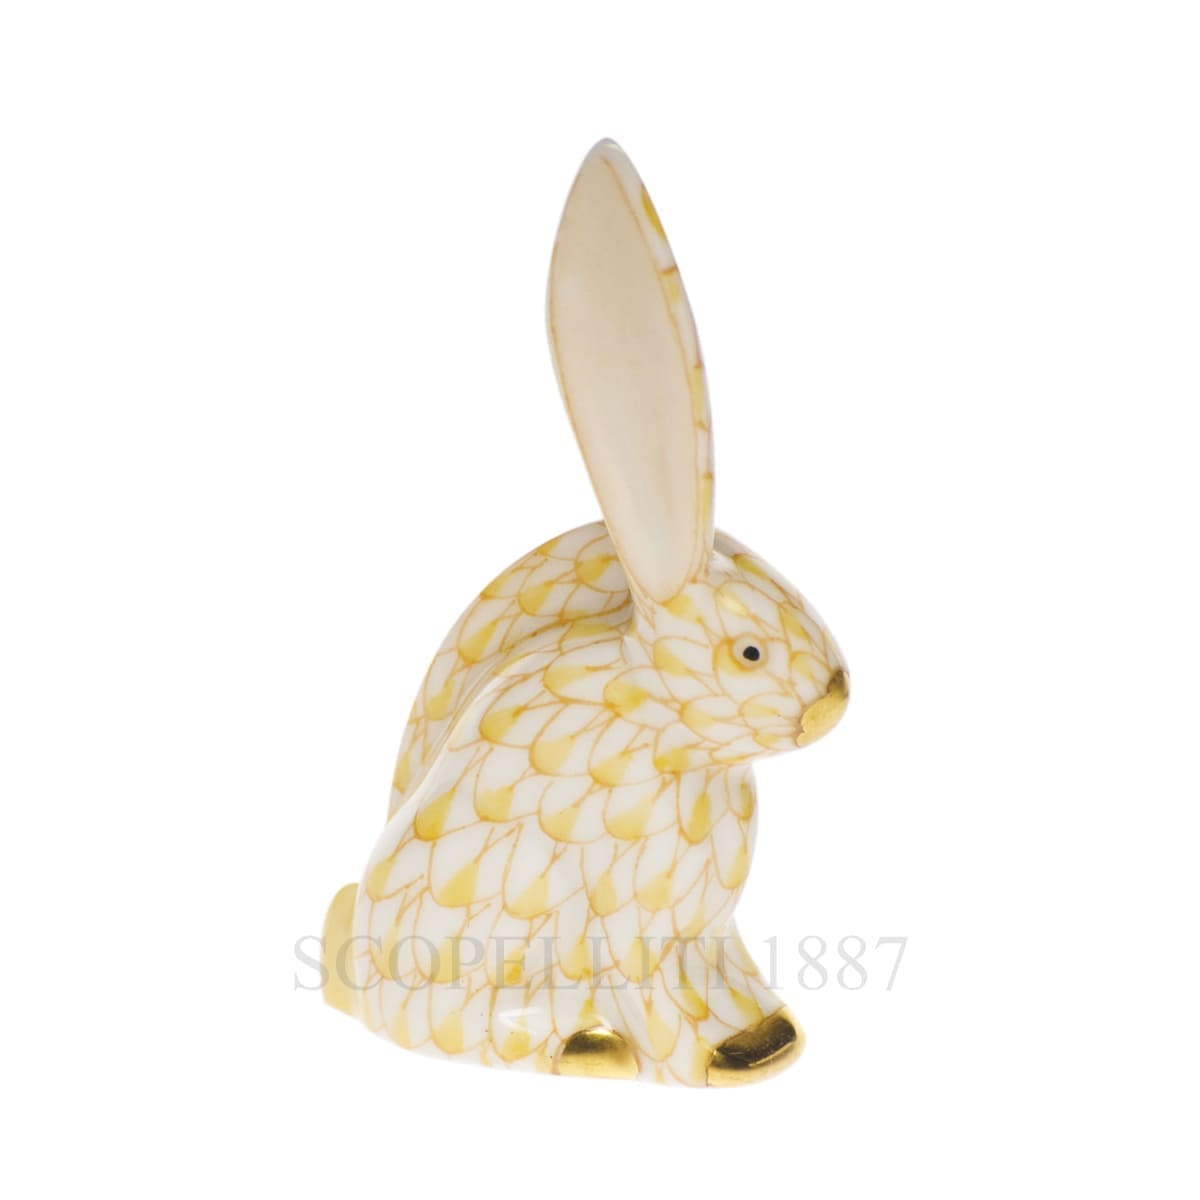 herend porcelain rabbit figurine golden